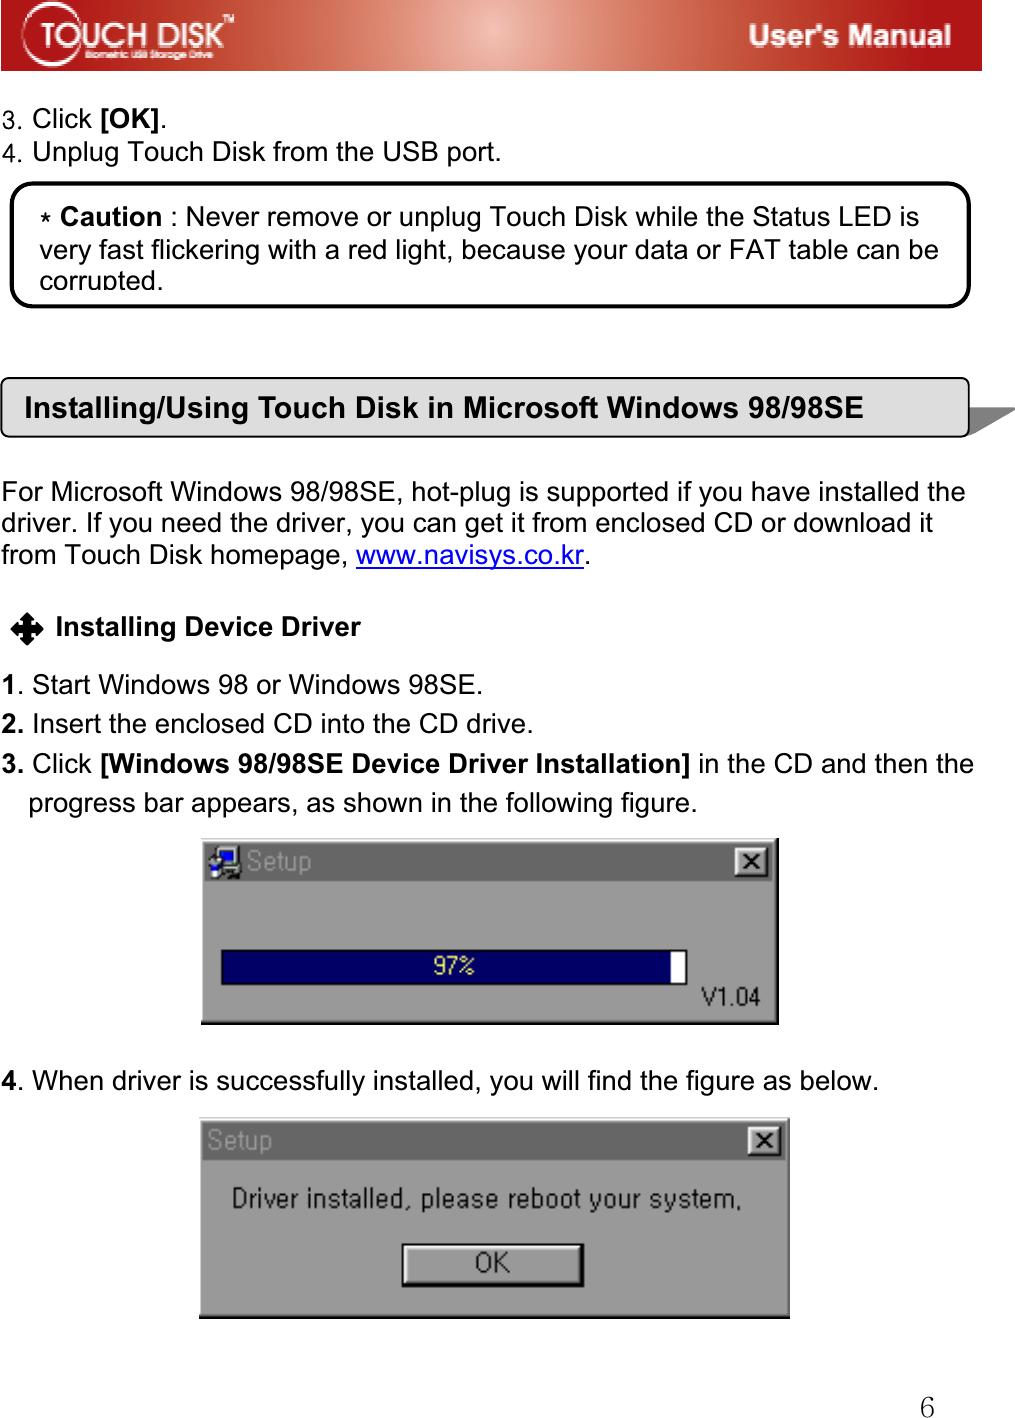 Navi NAVI USB Storage Device Using Fingerprint User Manual